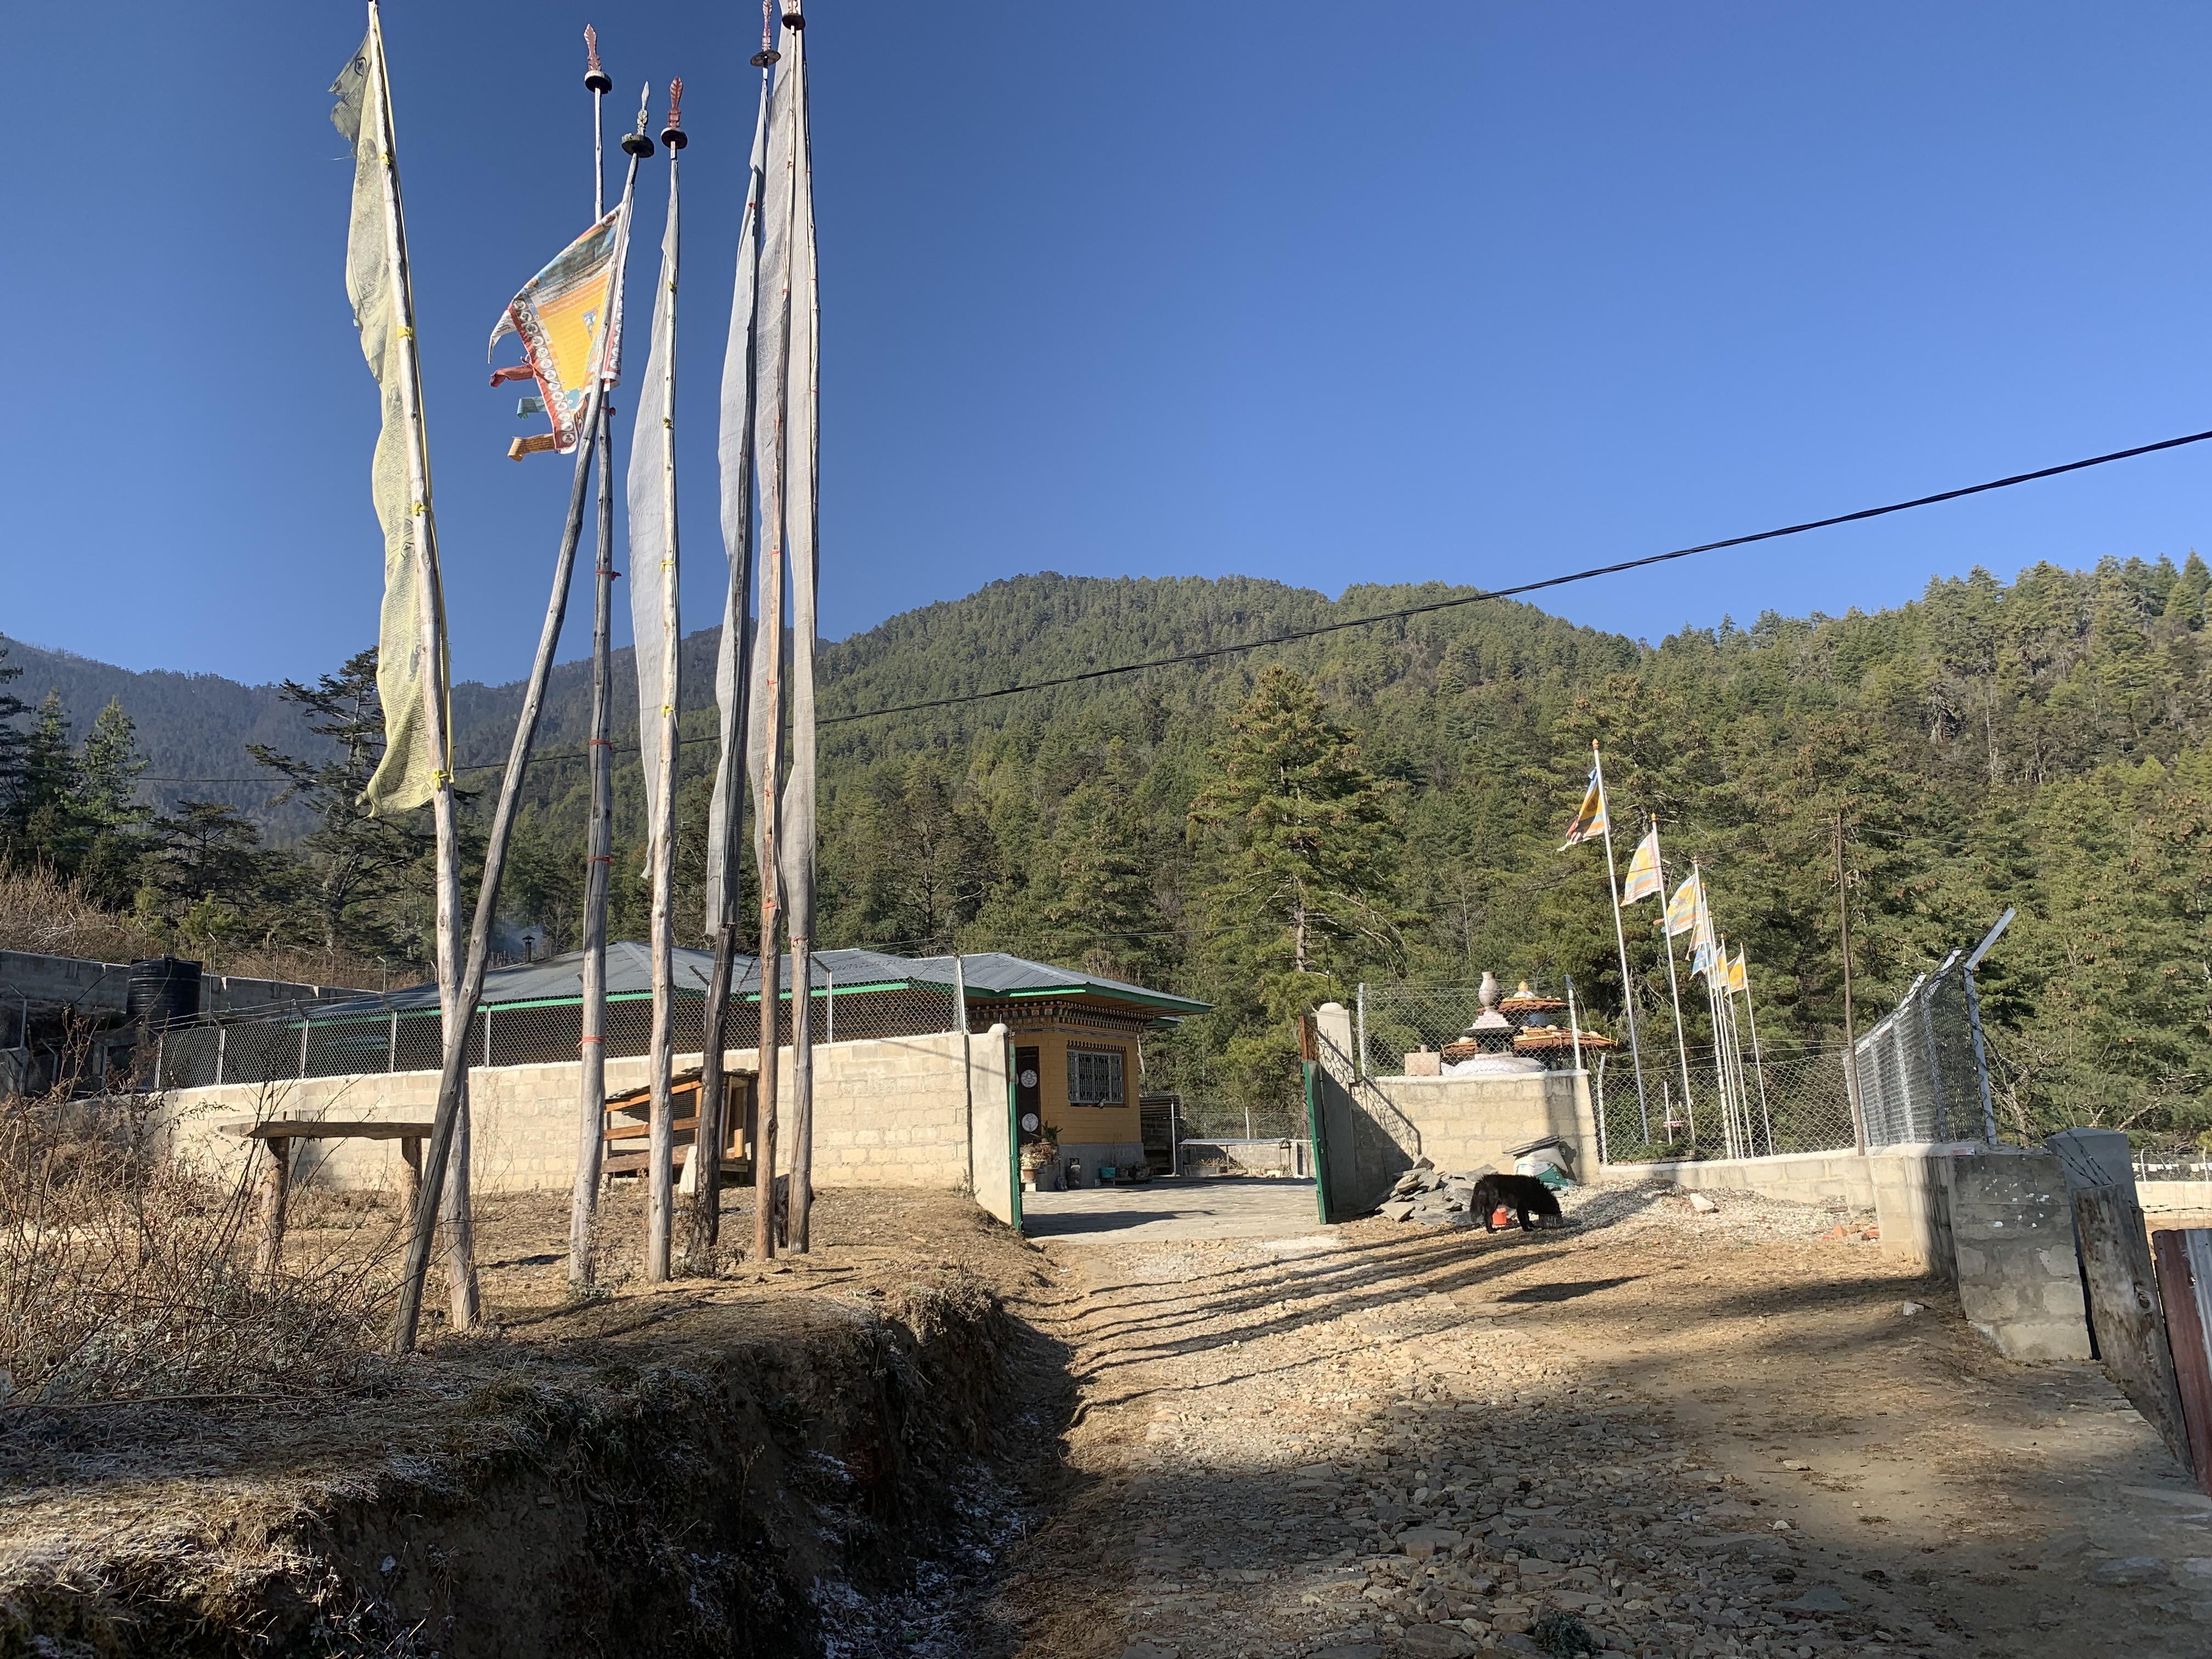 Khenpo Sangay Wangdi Rinpoche's retreat house